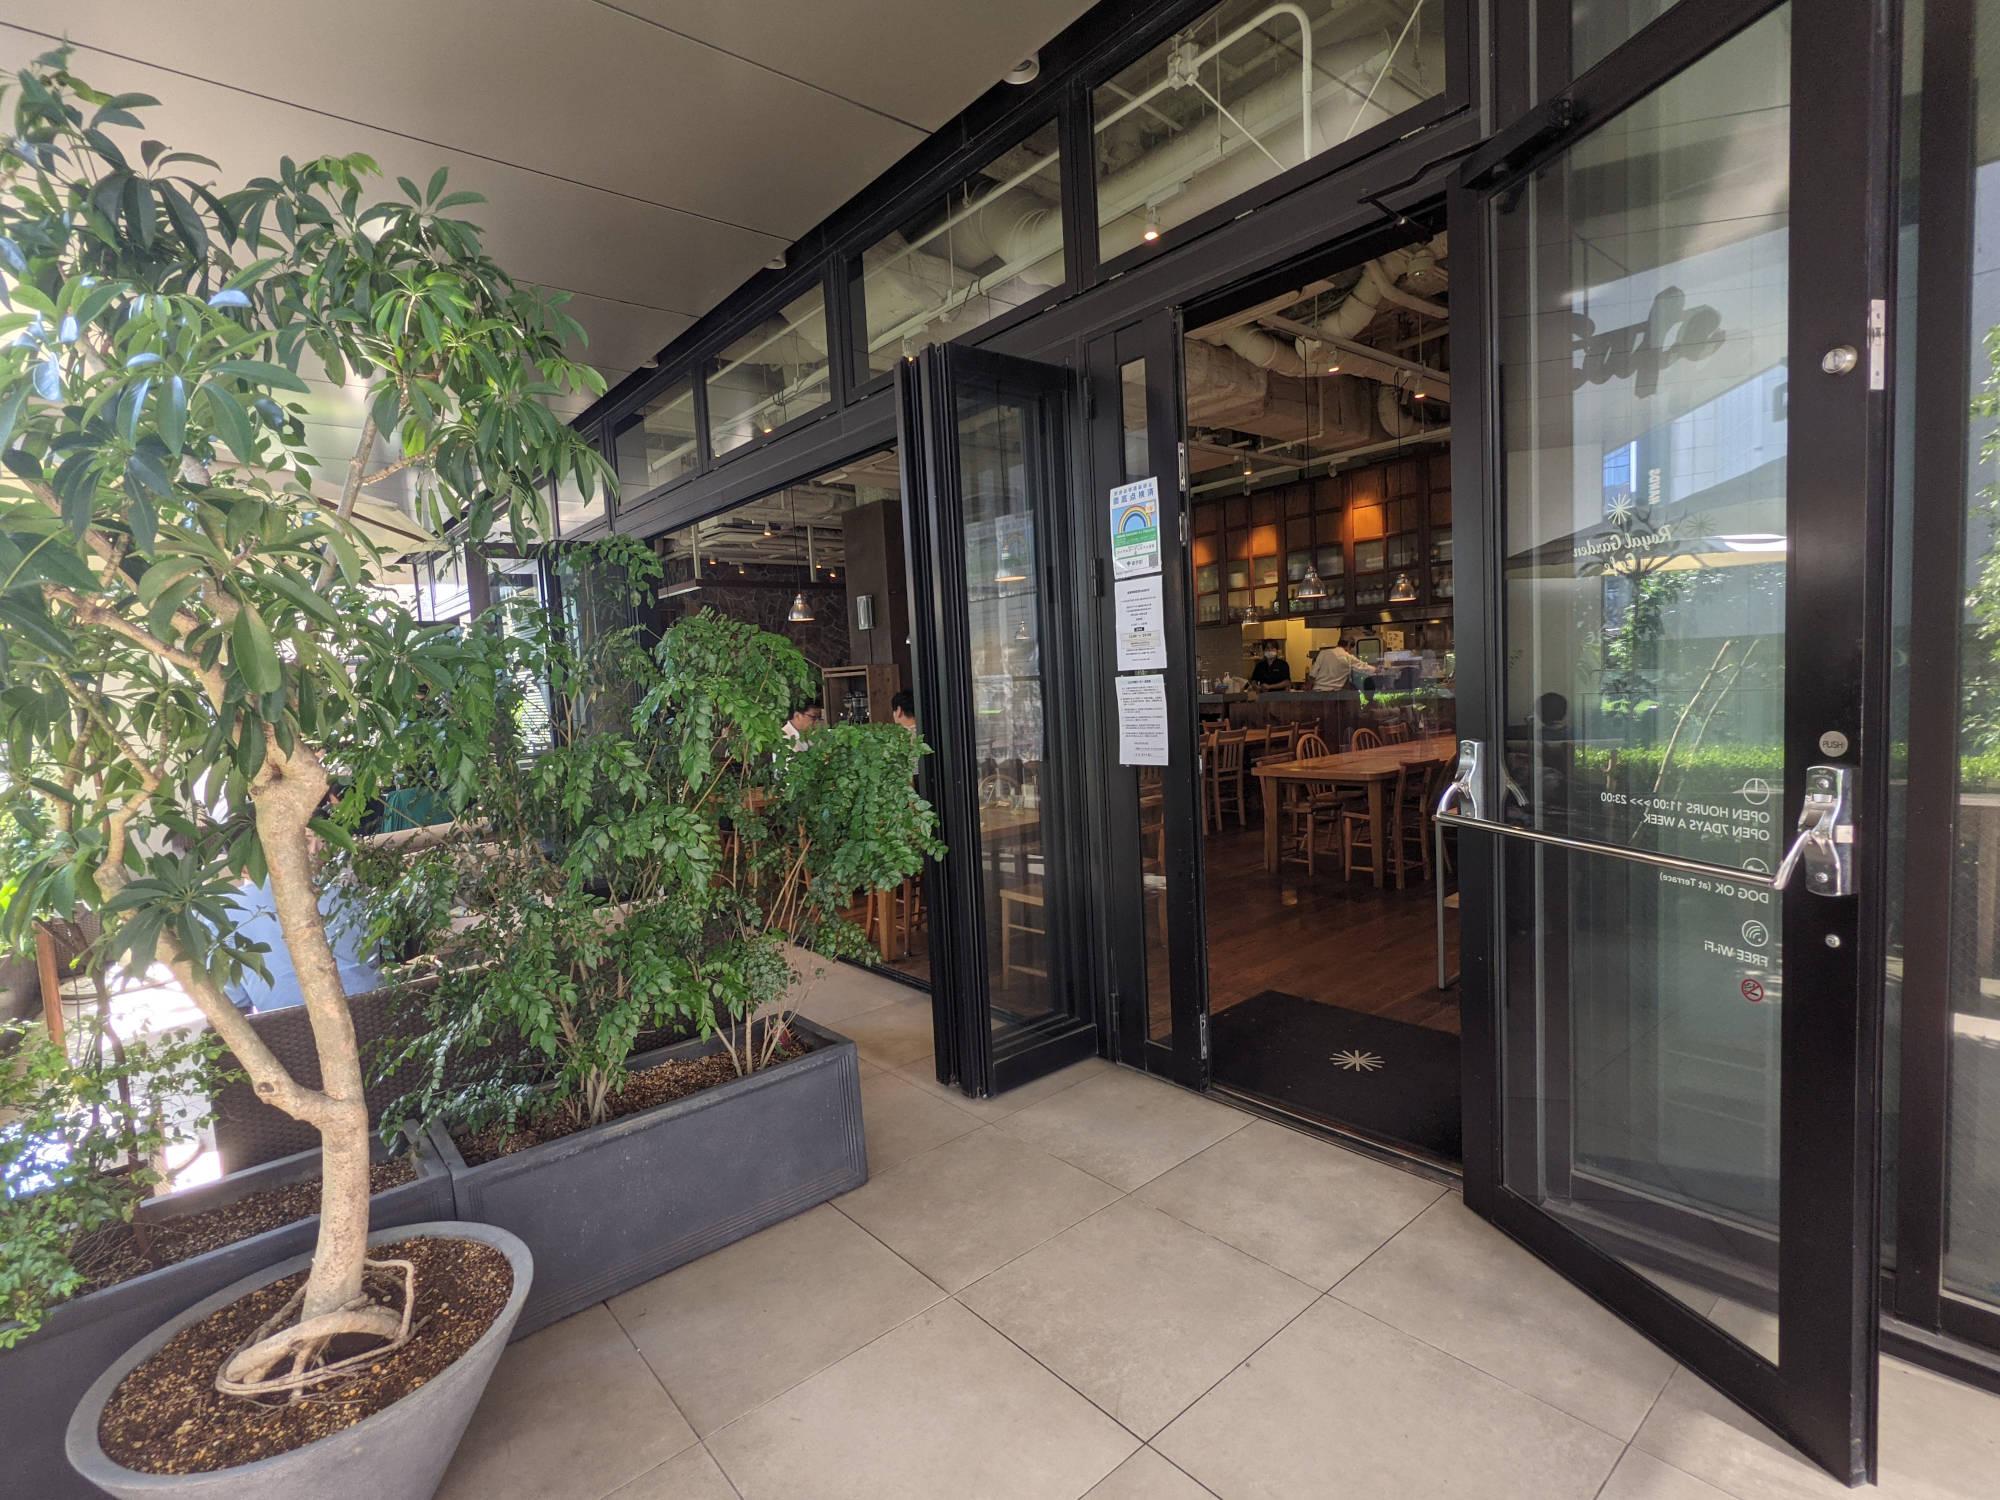 ロイヤルガーデンカフェの入り口